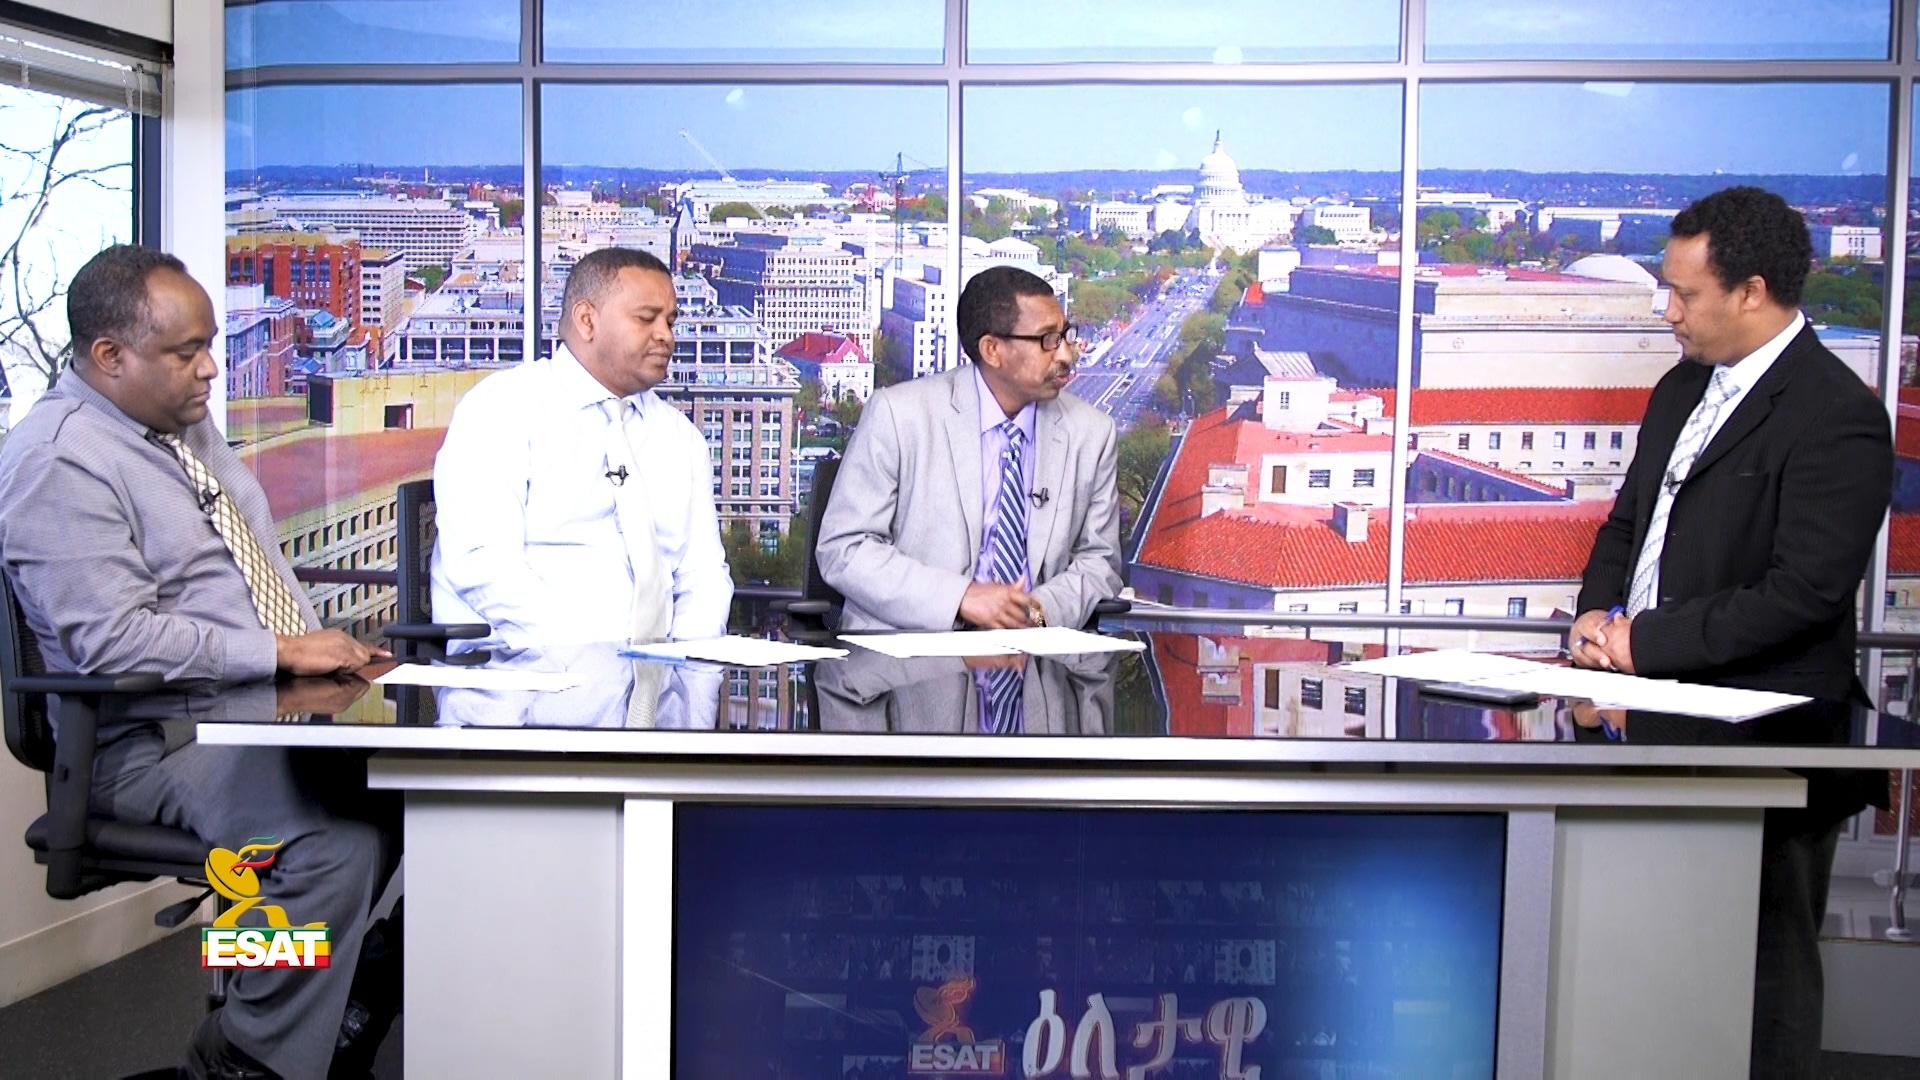 Esat Dc Eletawi Thur 14 Dec 2017 The Ethiopian Satellite